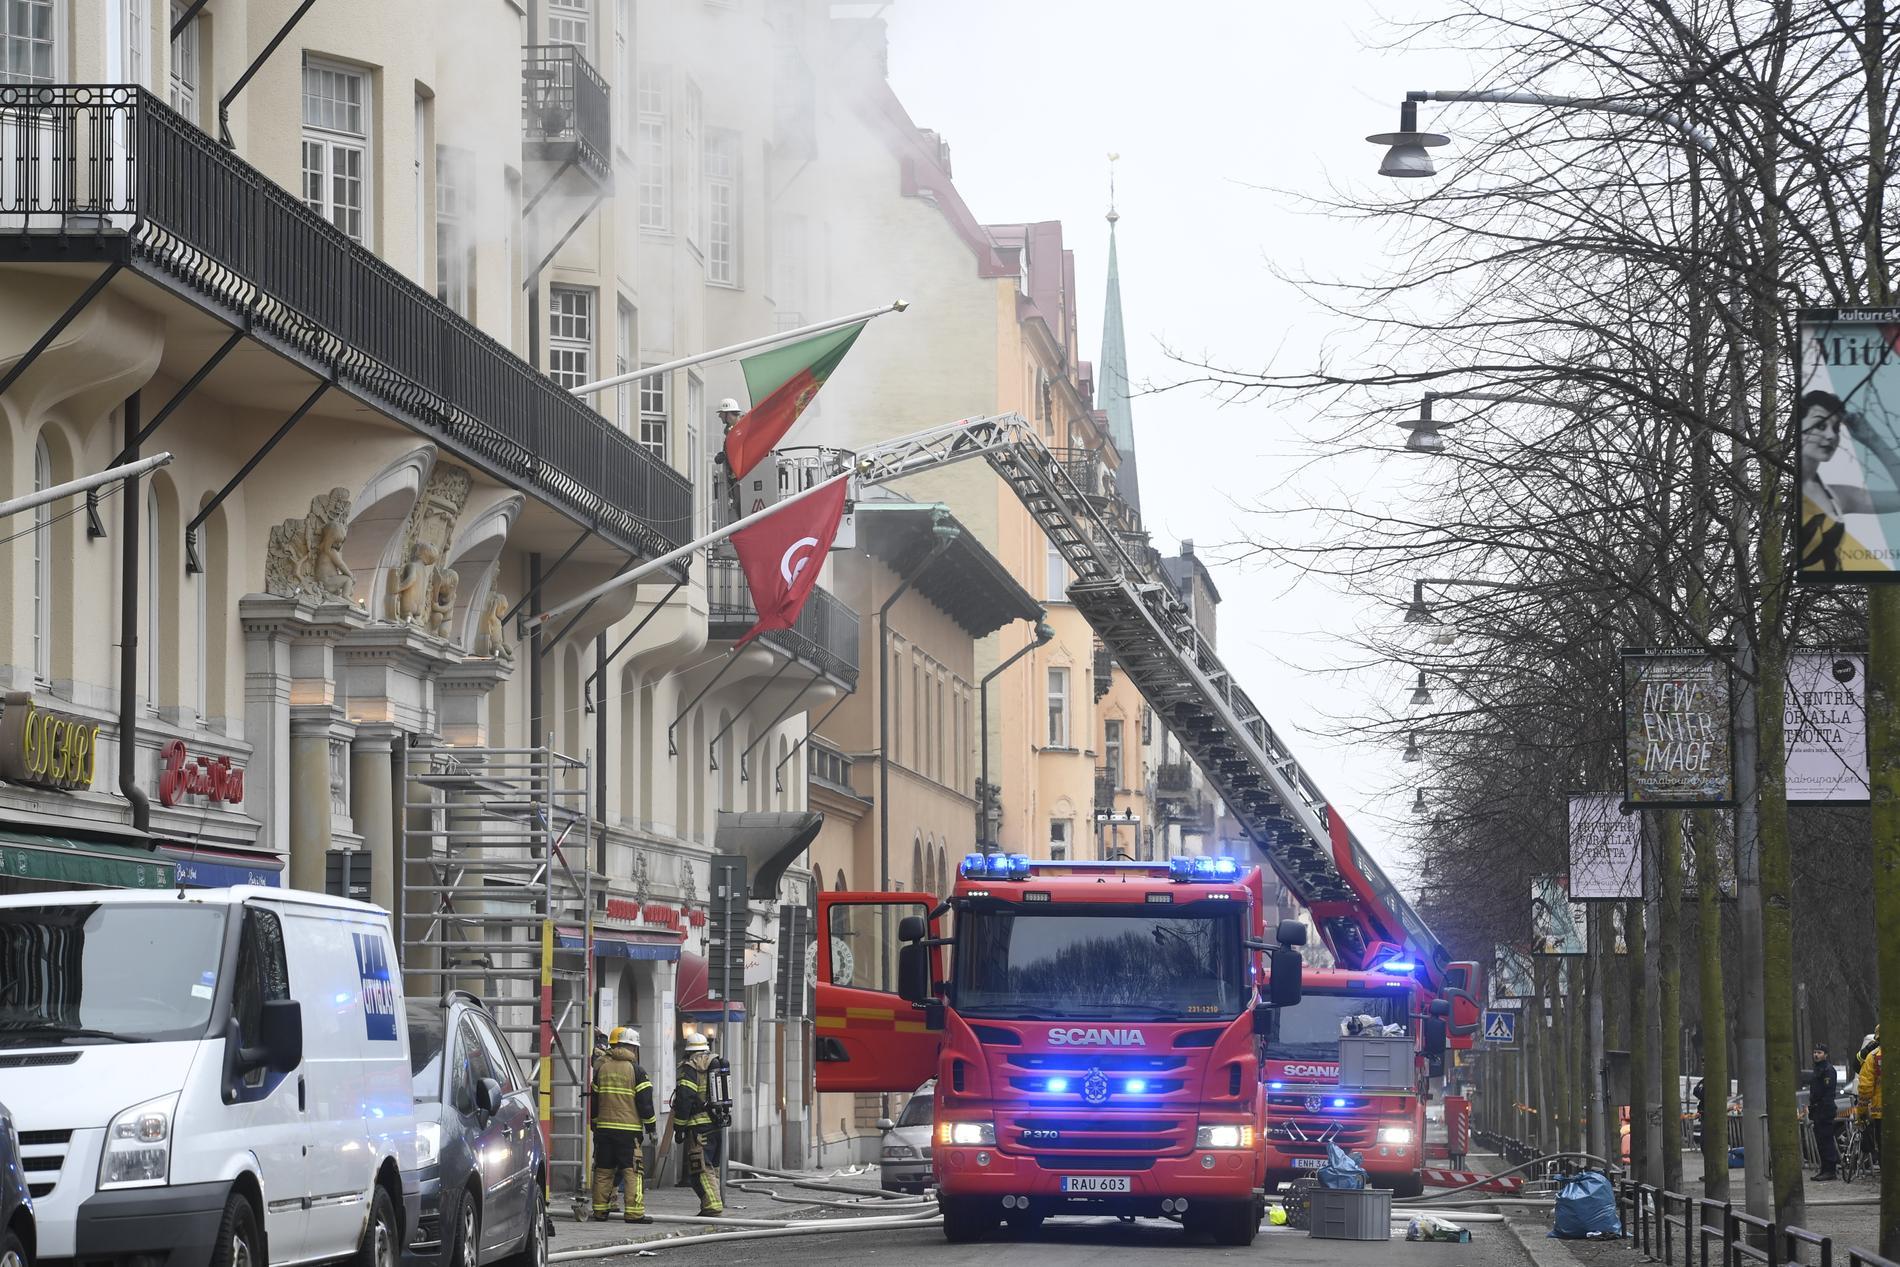 Det brann på tre våningar i en byggnad på Narvavägen på Östermalm i Stockholm. I byggnaden finns bland annat ambassaderna för Portugal, Tunisien och Argentina inrymda.